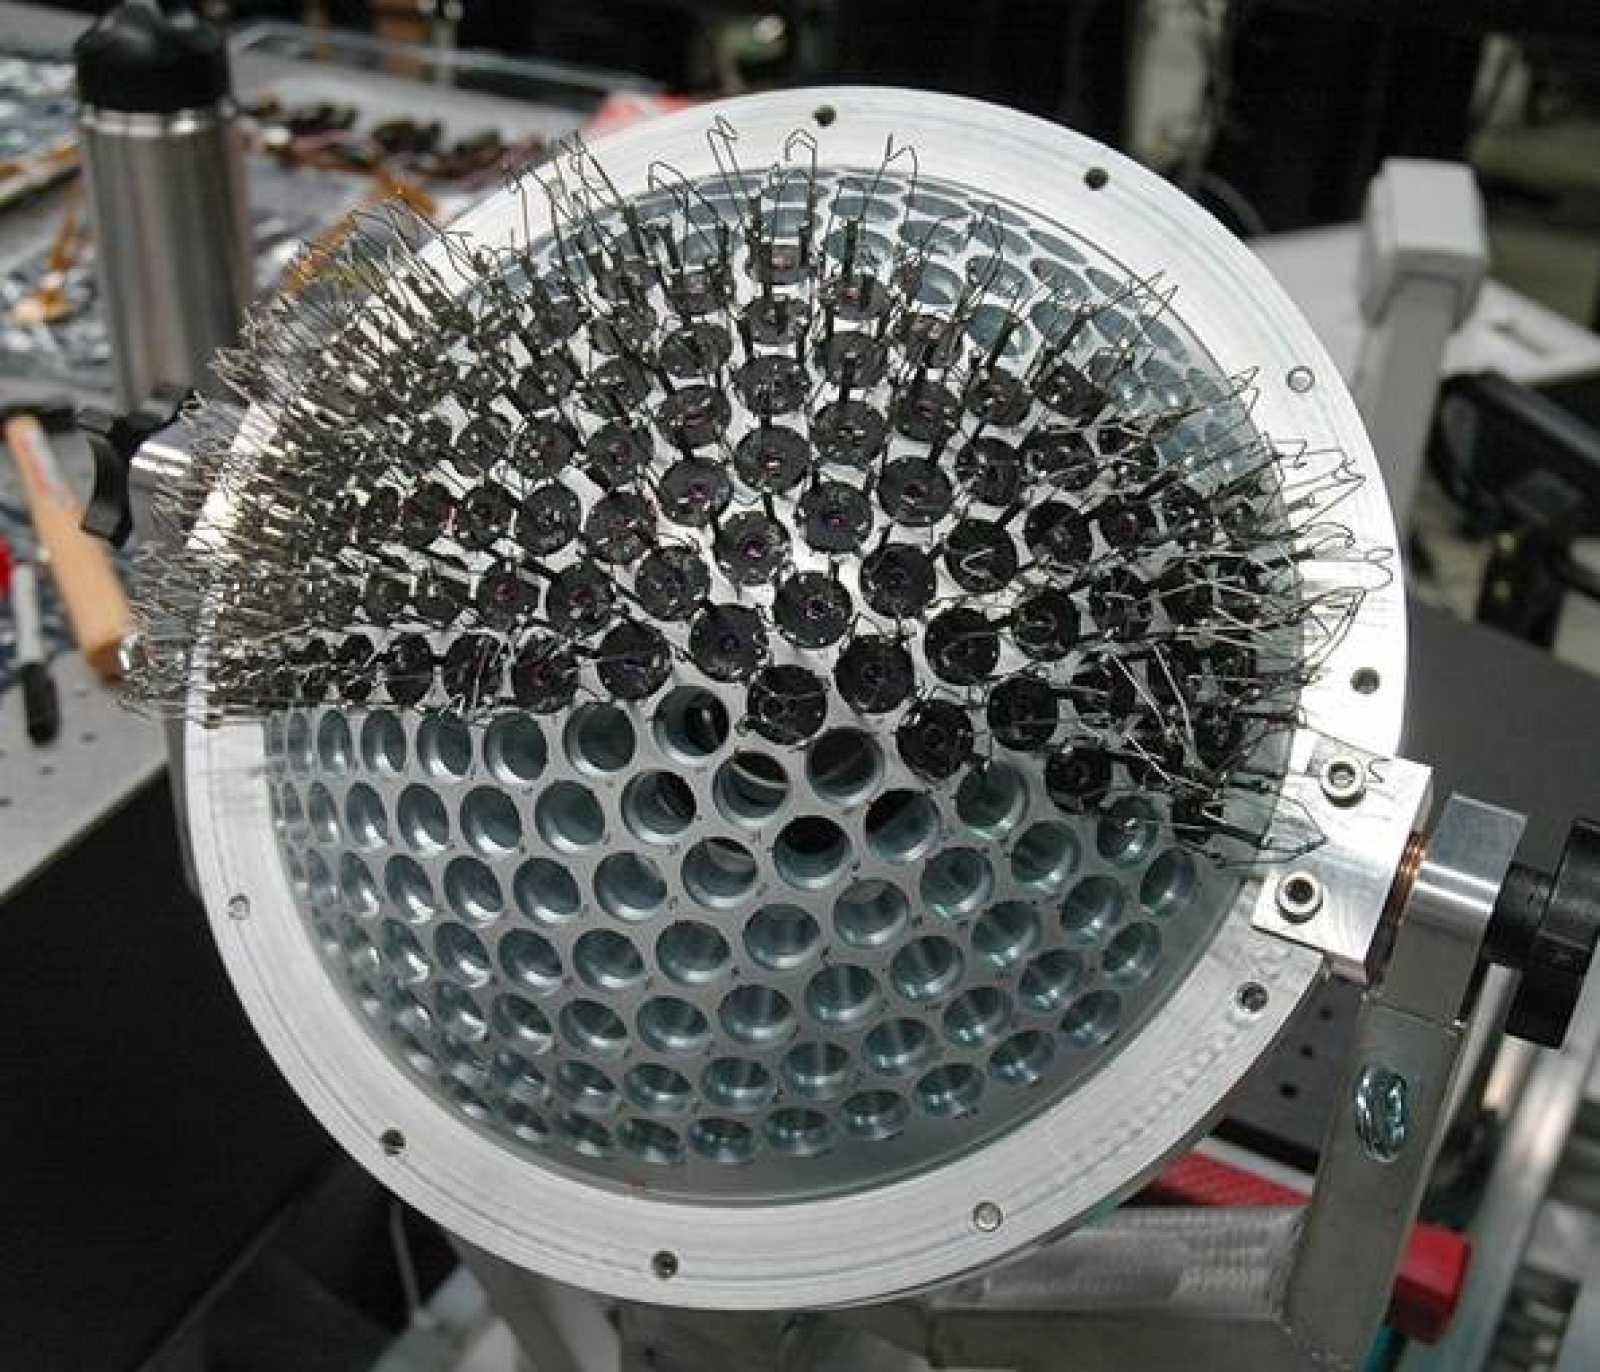 Este es el aspecto de la esfera que contiene los sensores fotográficos de la cámara Aware-2.